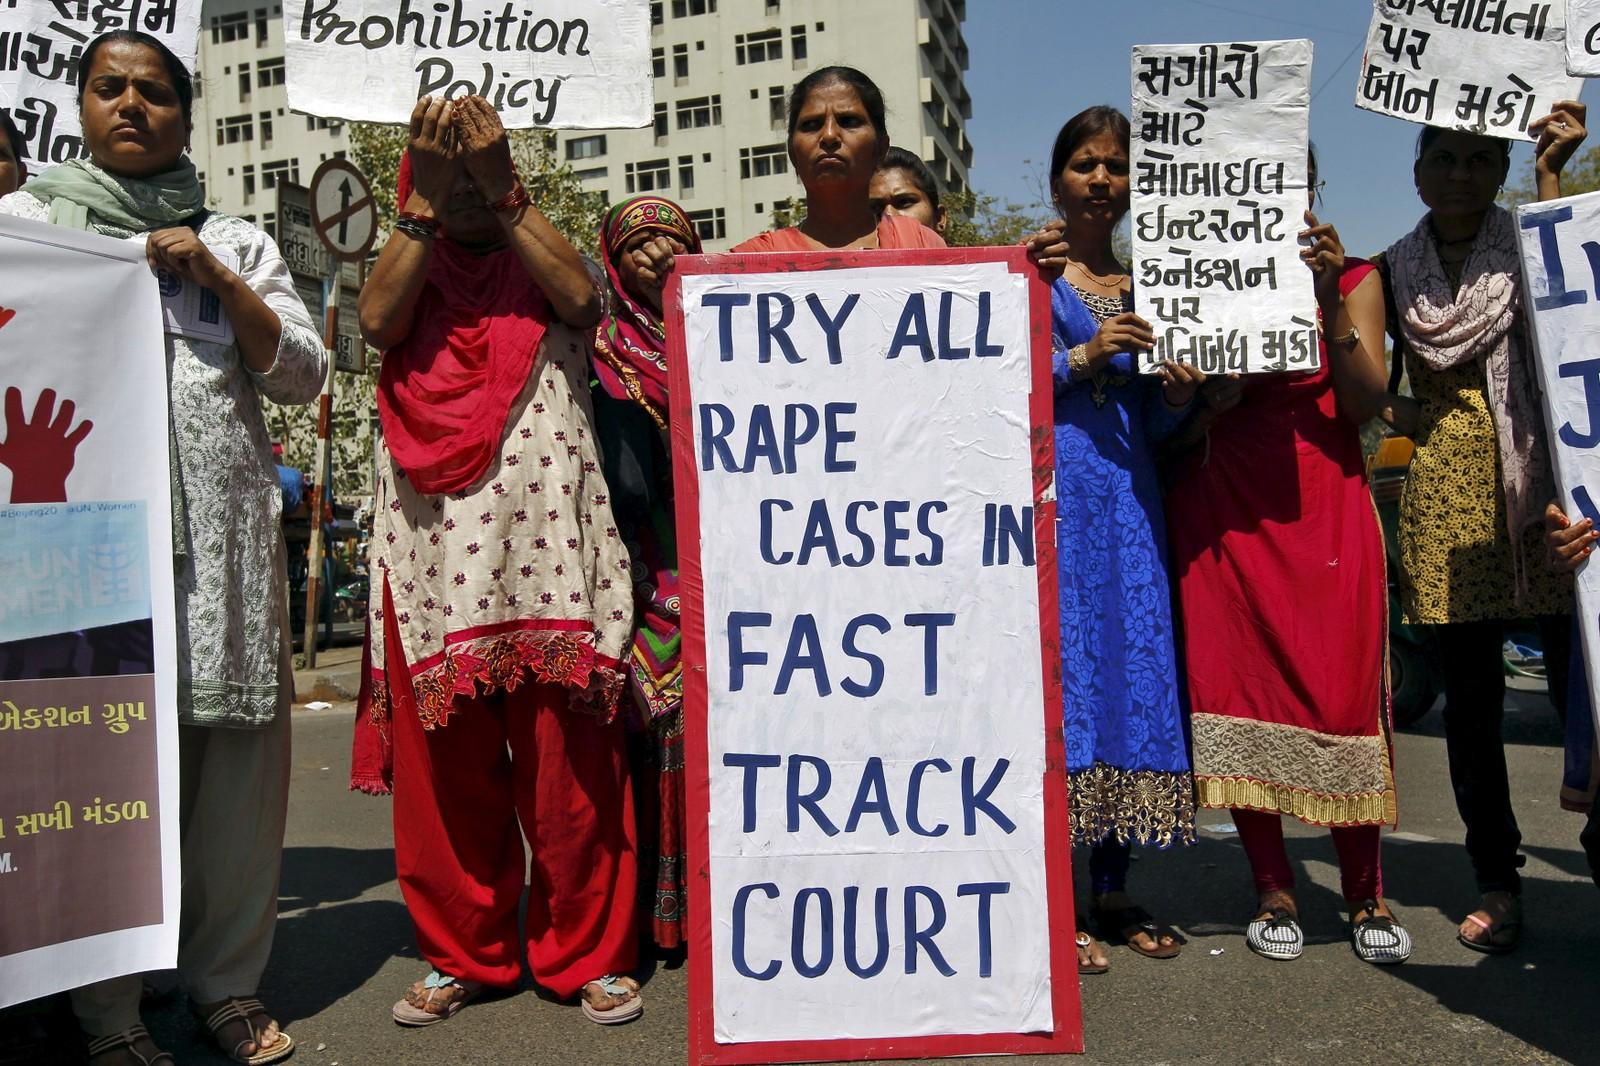 INDIA: Aktivister fra en lokal kvinneorganisasjon i Ahmedabad demonstrerer på kvinnedagen. Voldtekt og overgrep mot kvinner er fortsatt et stort problem i India.